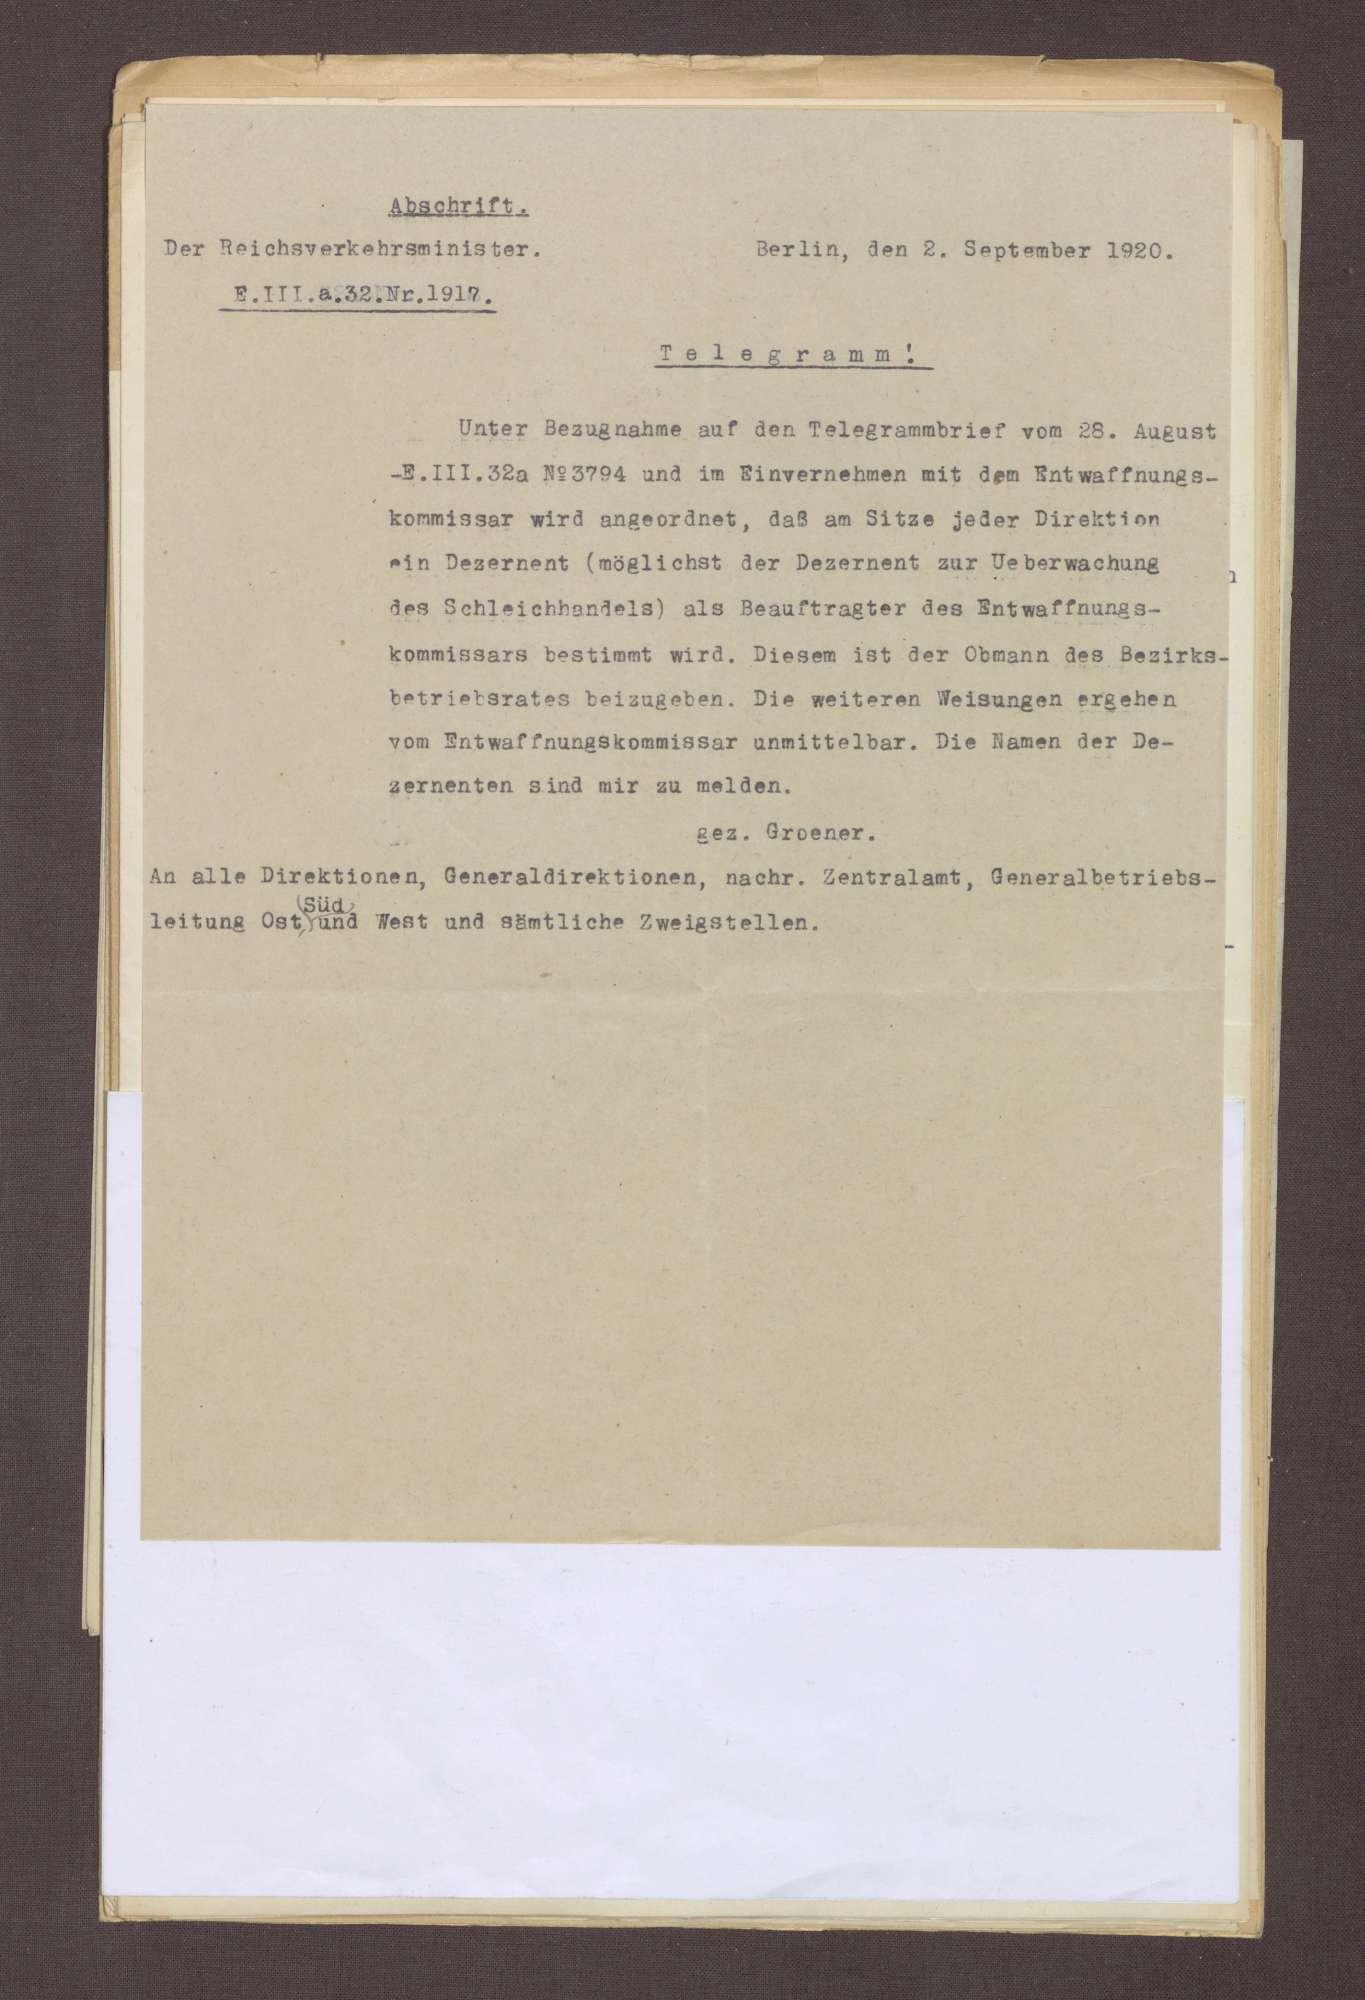 Telegramm von Wilhelm Groener, Umsetzung der Kontrolle der Entwaffnung, Bild 1